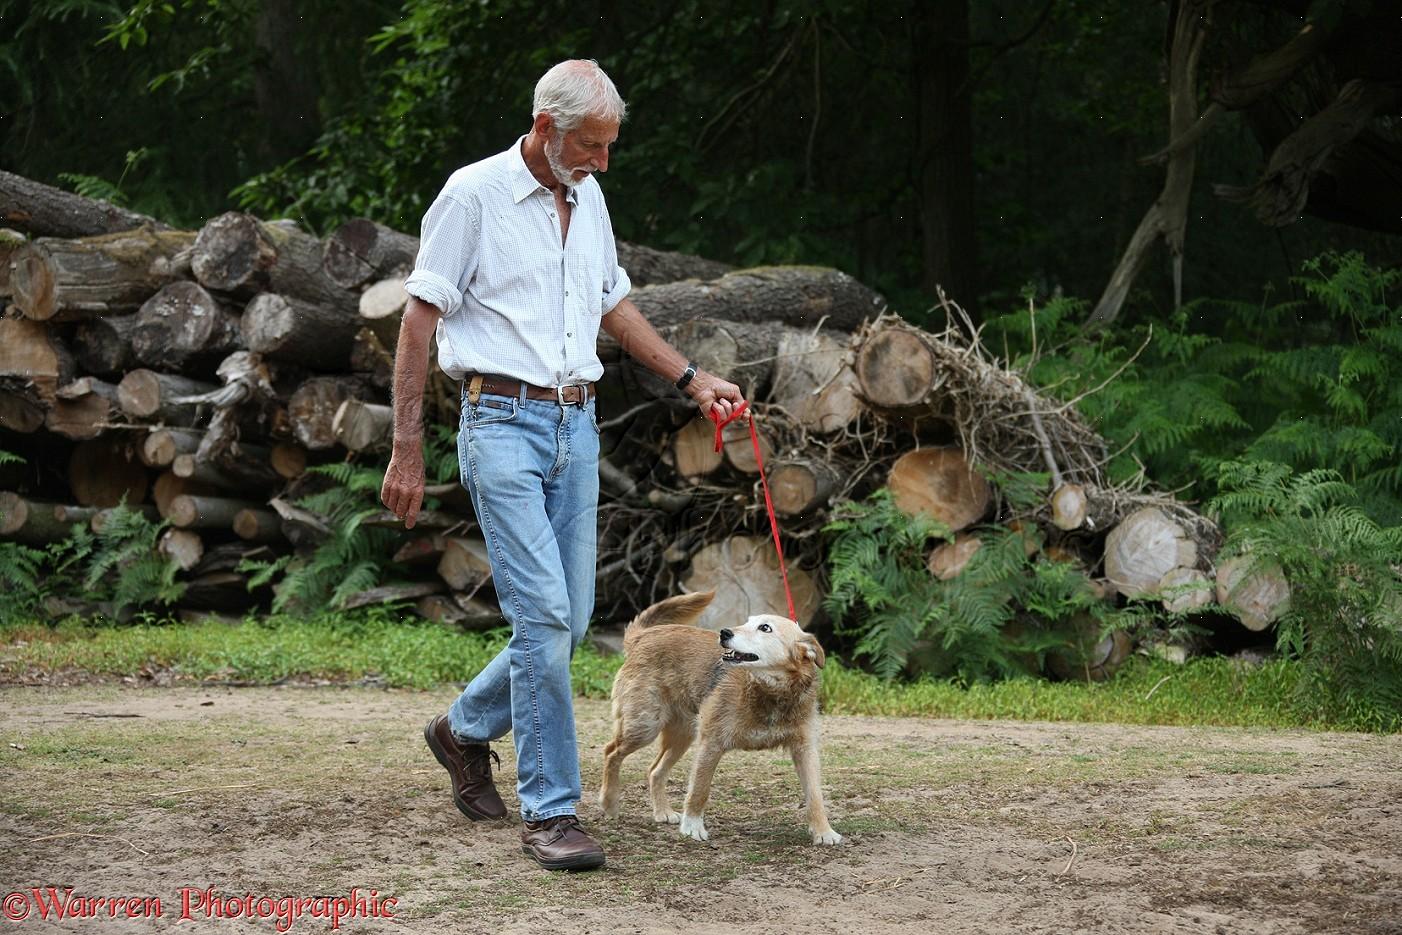 Man Walking Dog : Man walking an older dog photo wp